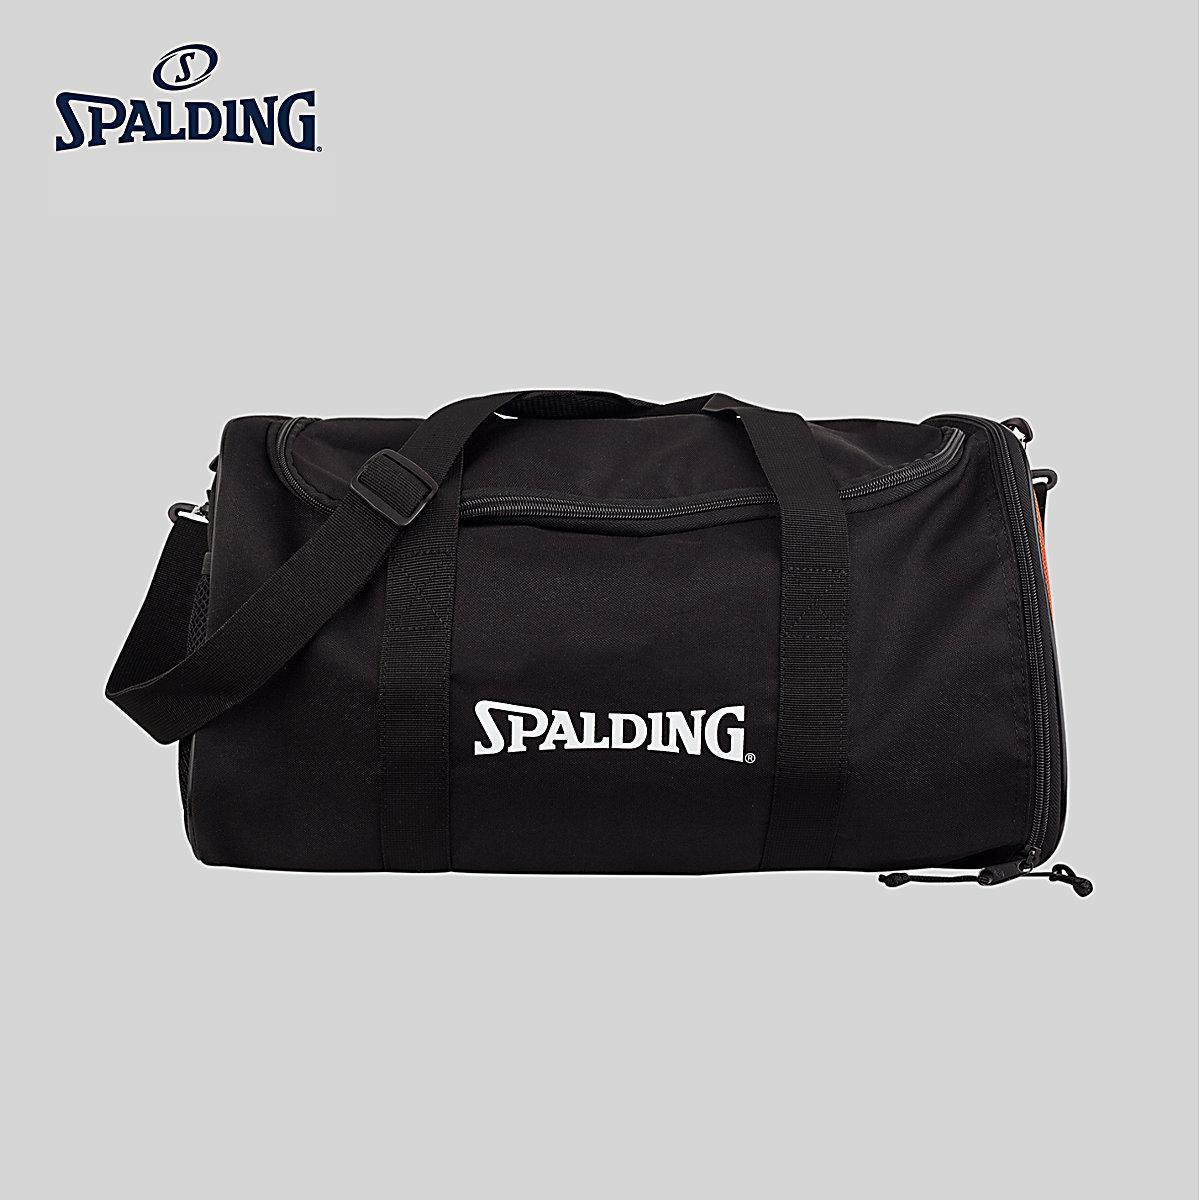 Sacs à main de sport de loisirs Spalding sacs de basket-ball à l'épaule unique oblique 30041